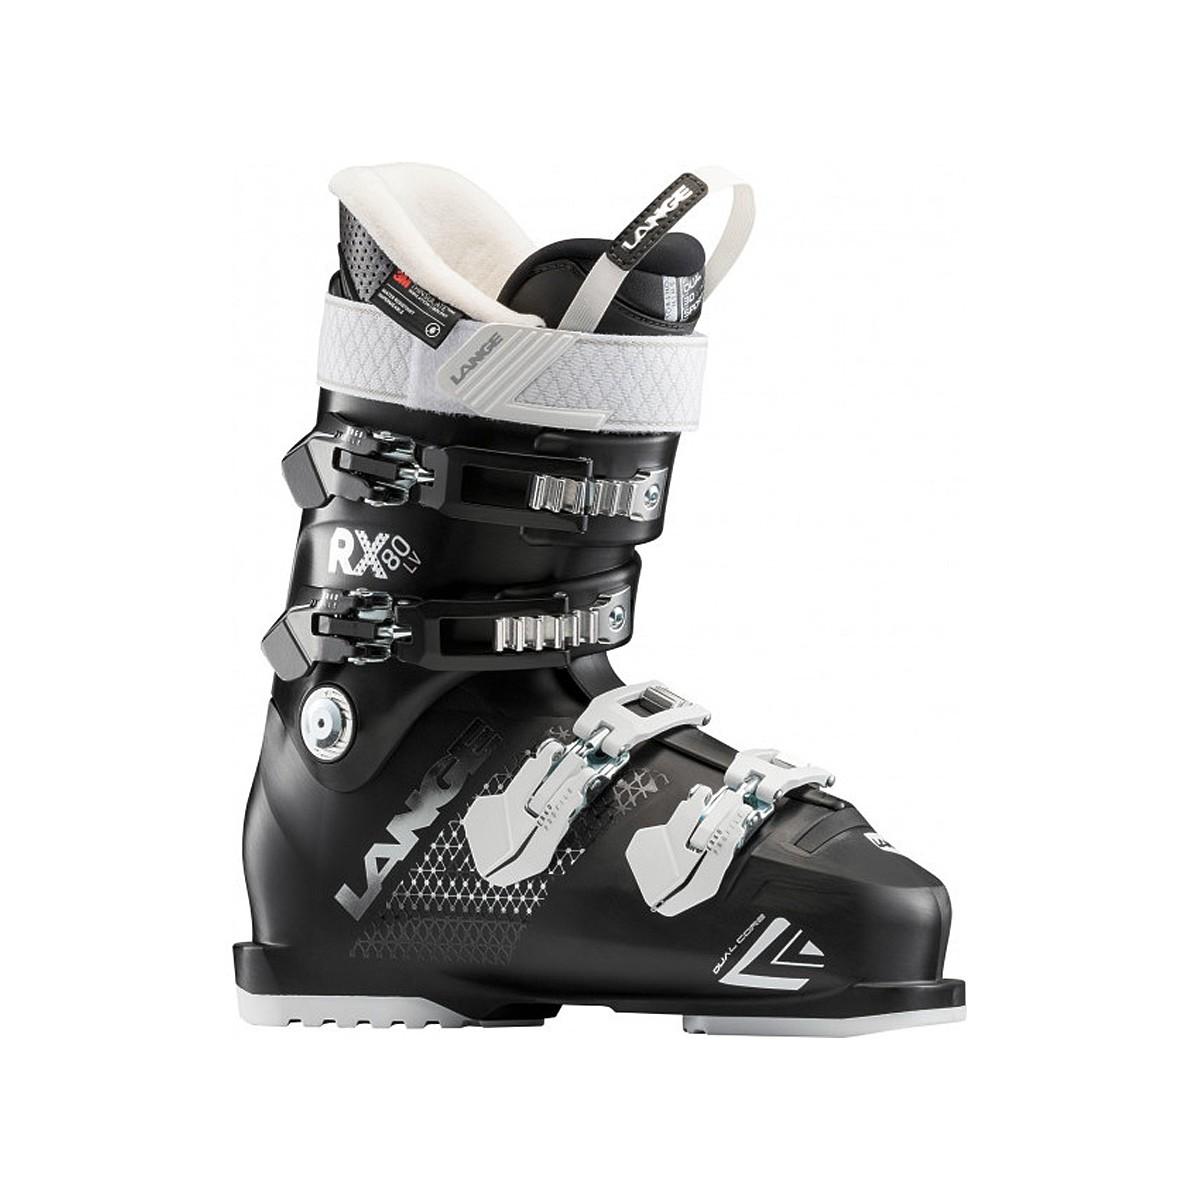 Scarponi sci Lange Rx 80 (Colore: nero-bianco, Taglia: 26.5)